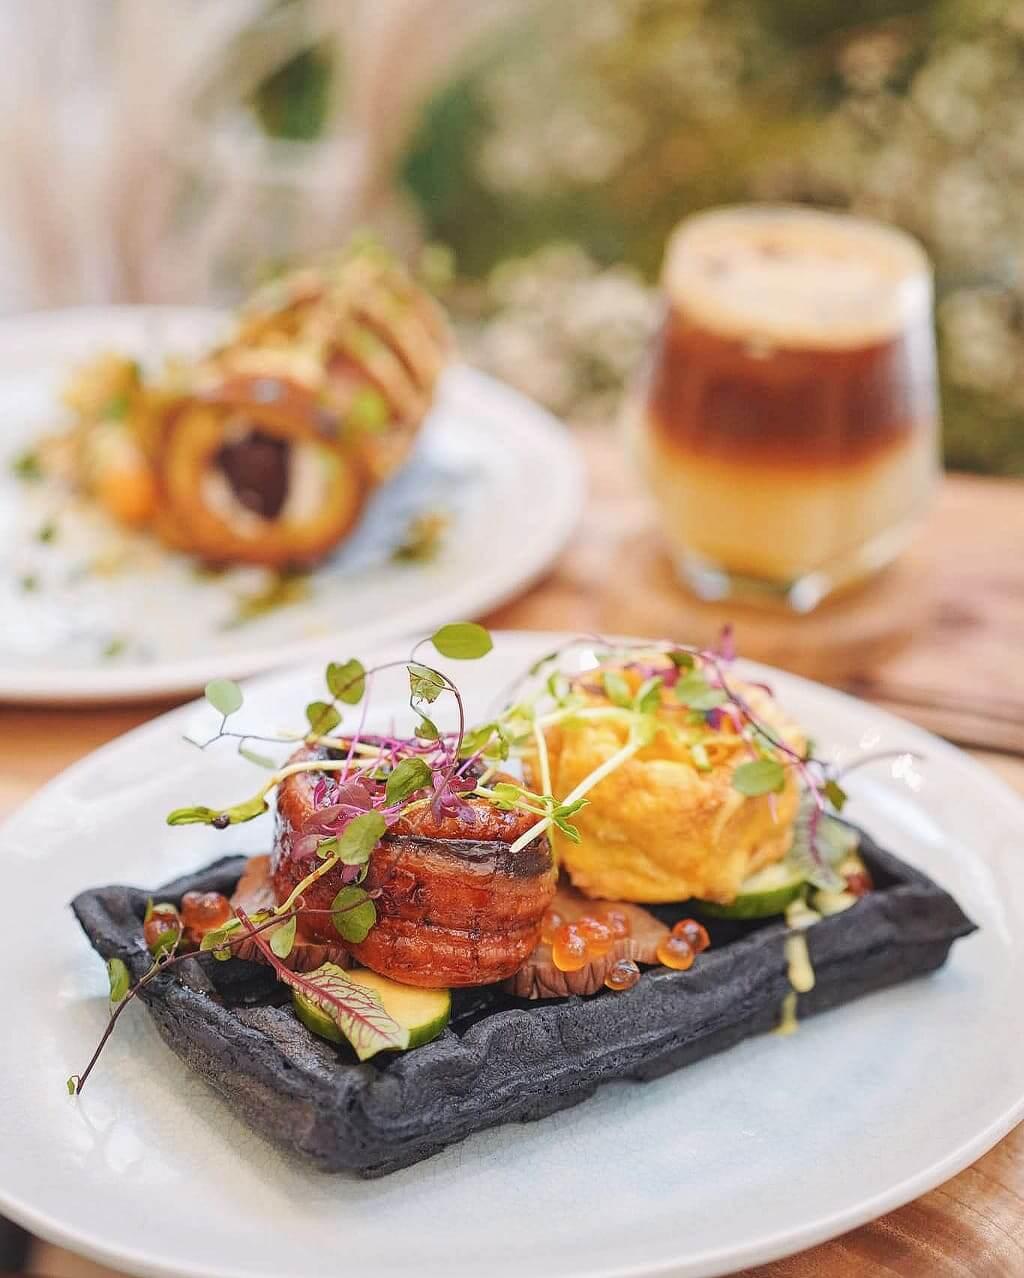 將大自然元素加入夏季菜單,非常別致。